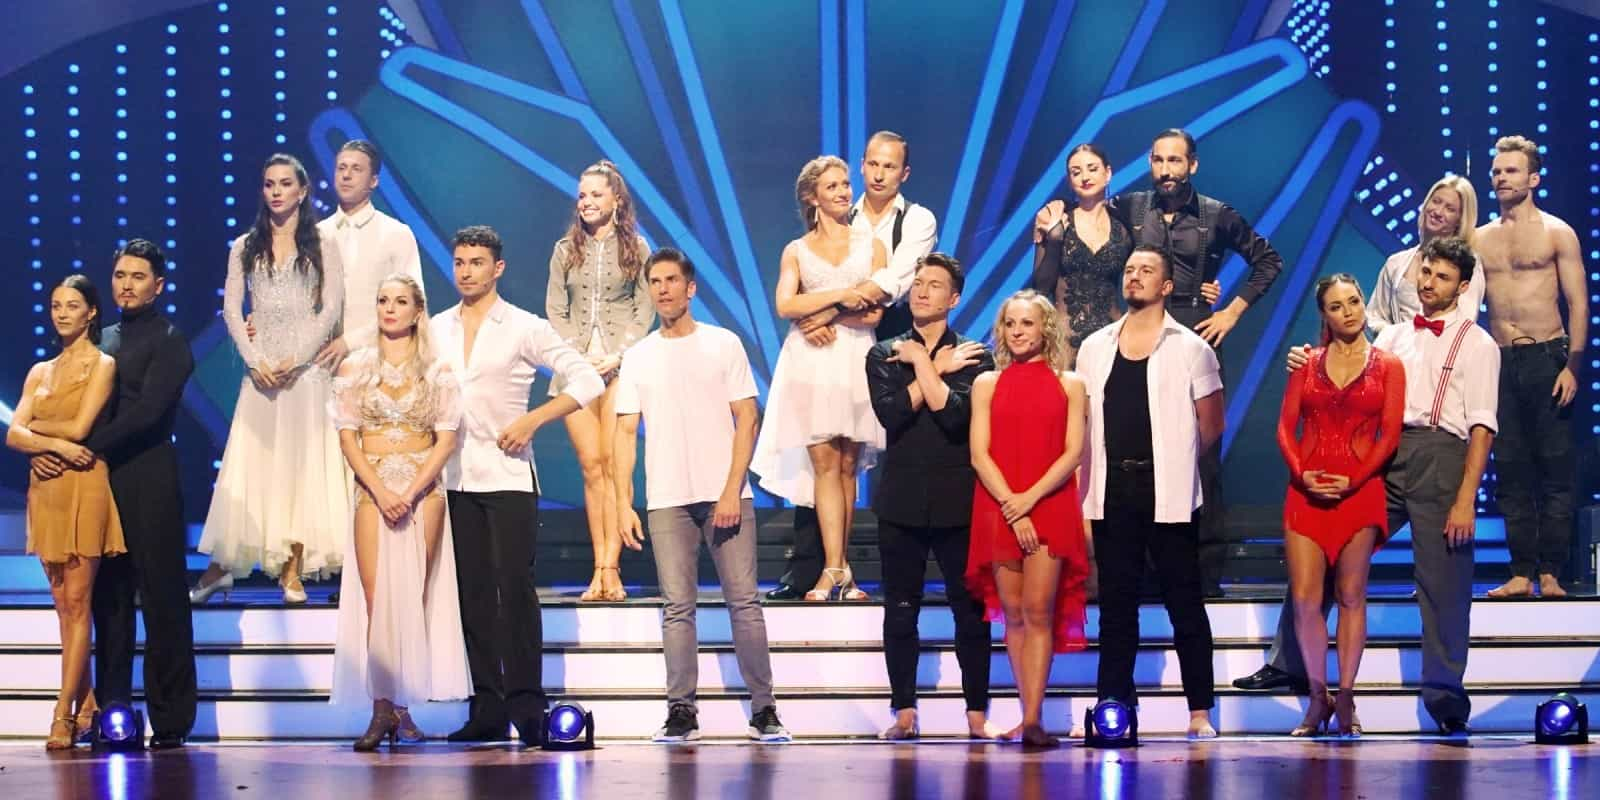 Die Entscheidung - Let's dance Profi-Challenge 2019 am 27.6.2019 - Wer gewinnt?